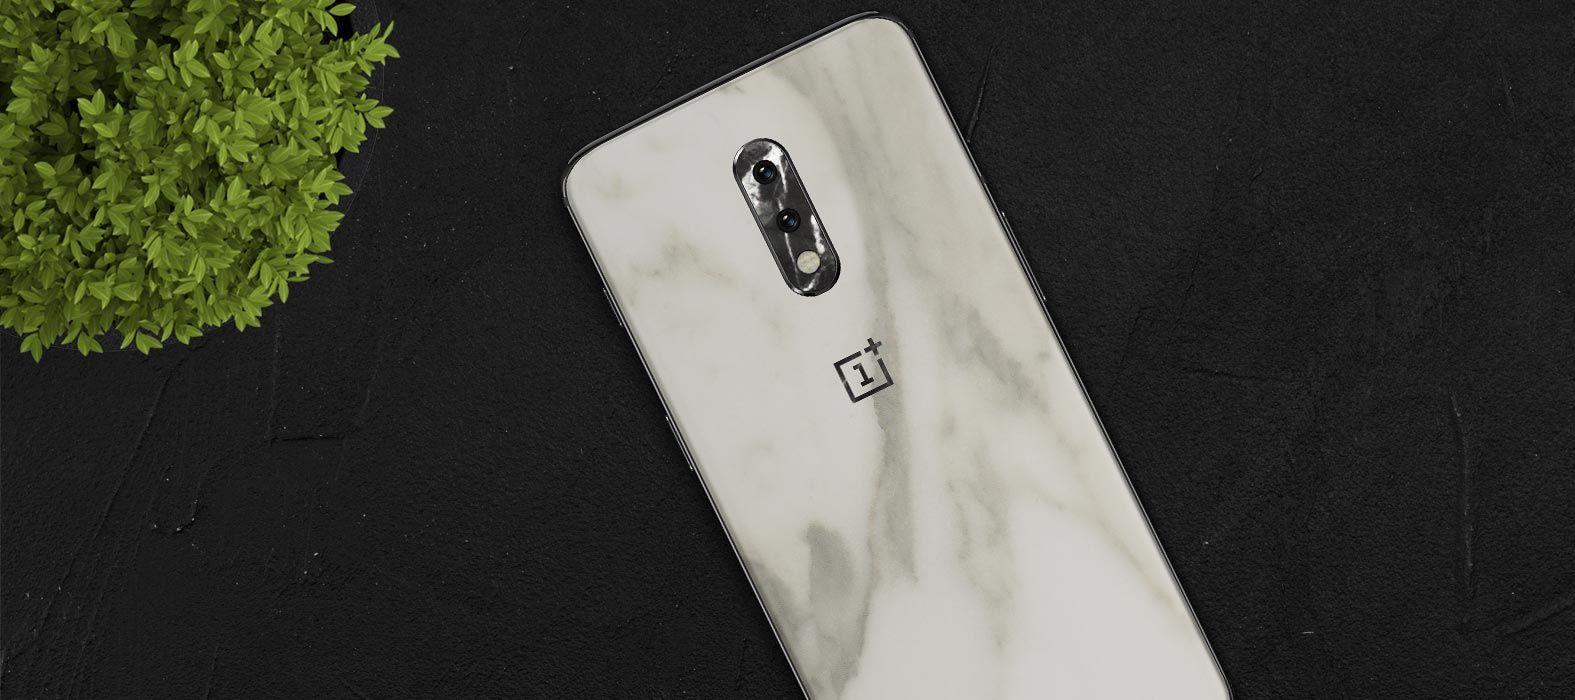 OnePlus 7 White Marble Skins